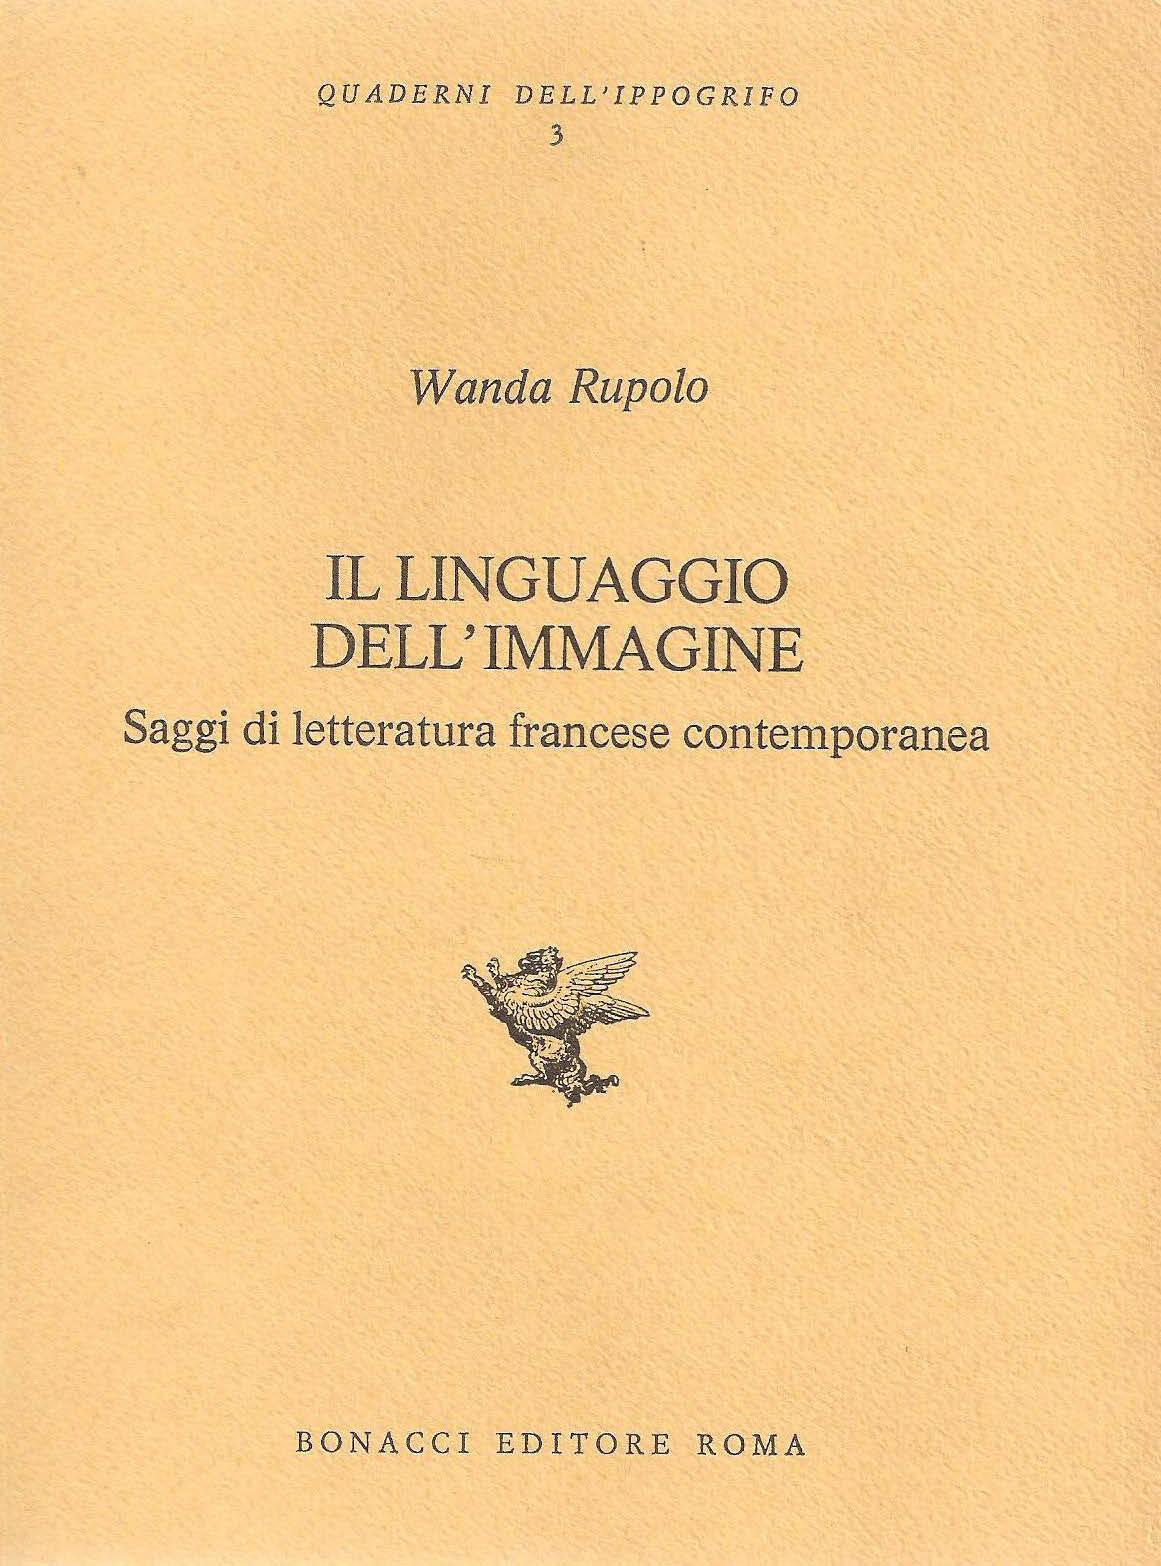 Il linguaggio dell'immagine